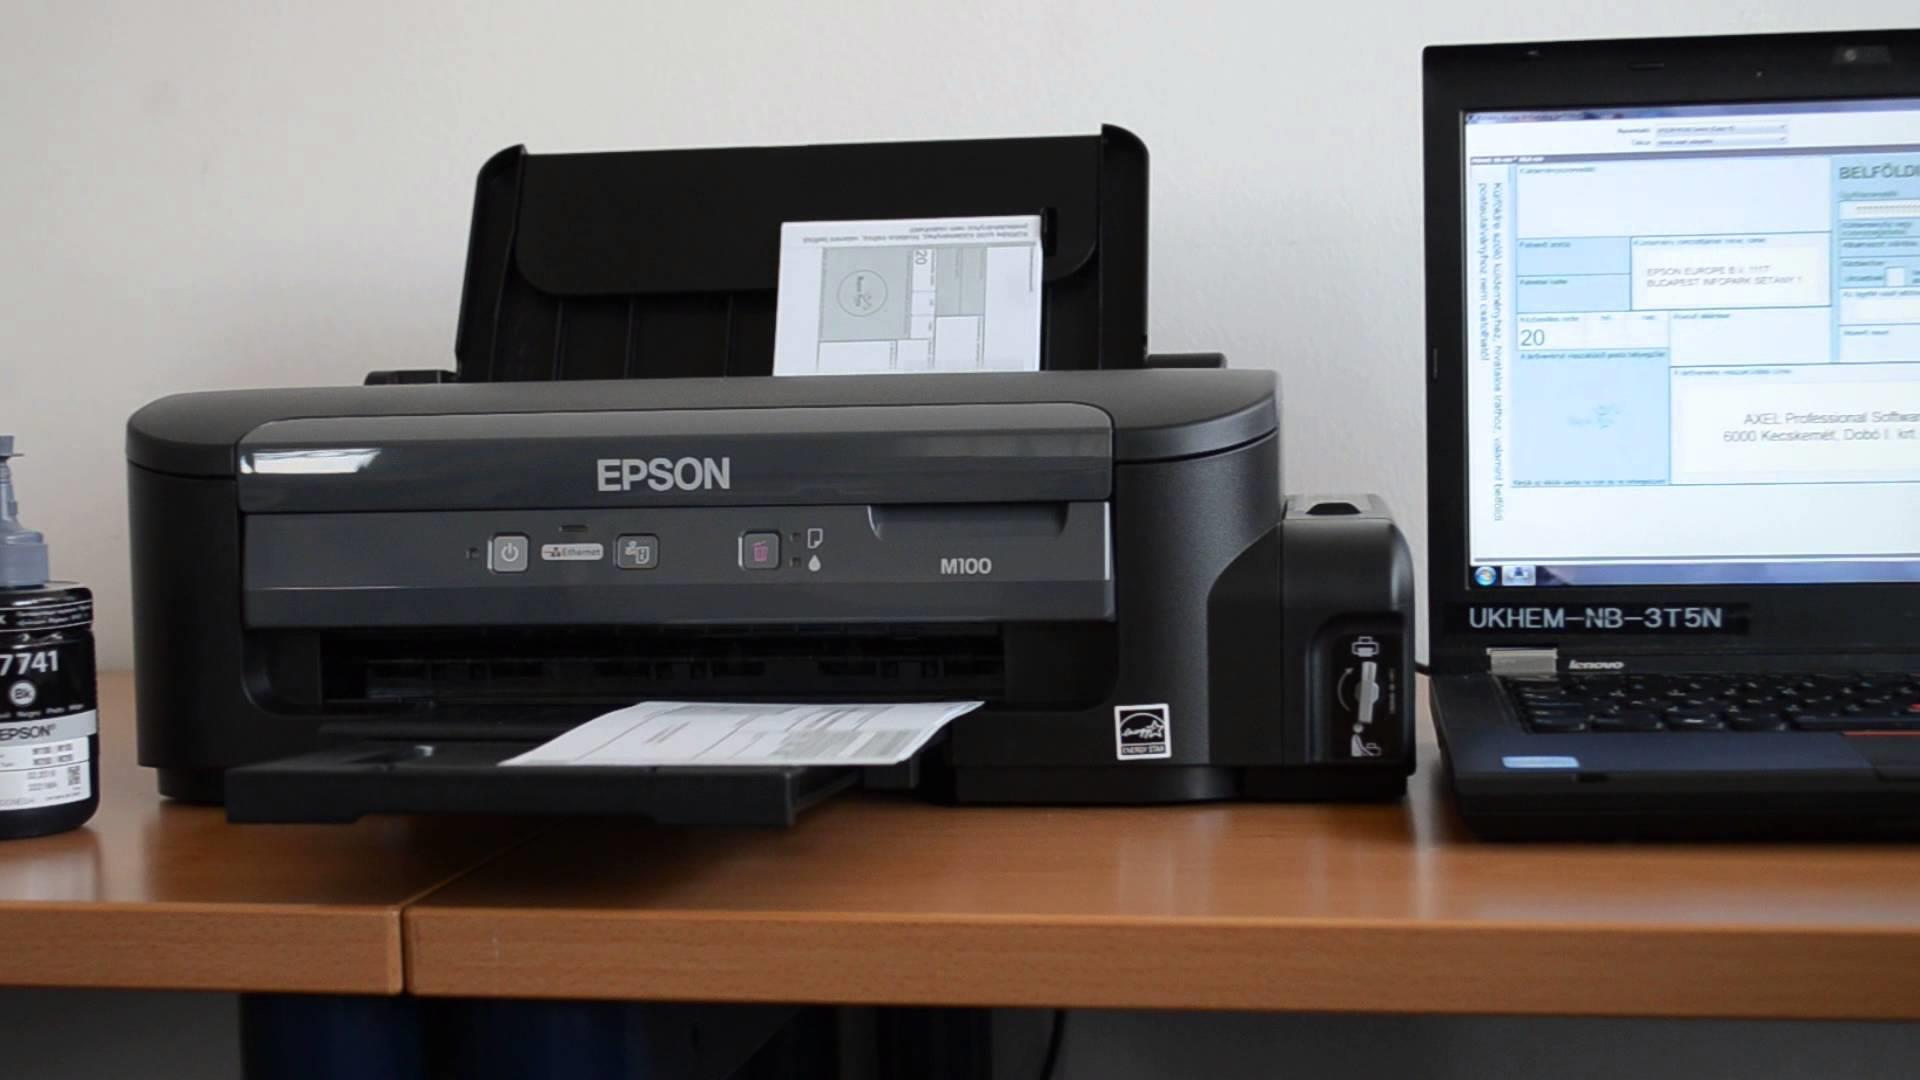 Jual Printer Epson M100 Harga Murah Surabaya Oleh